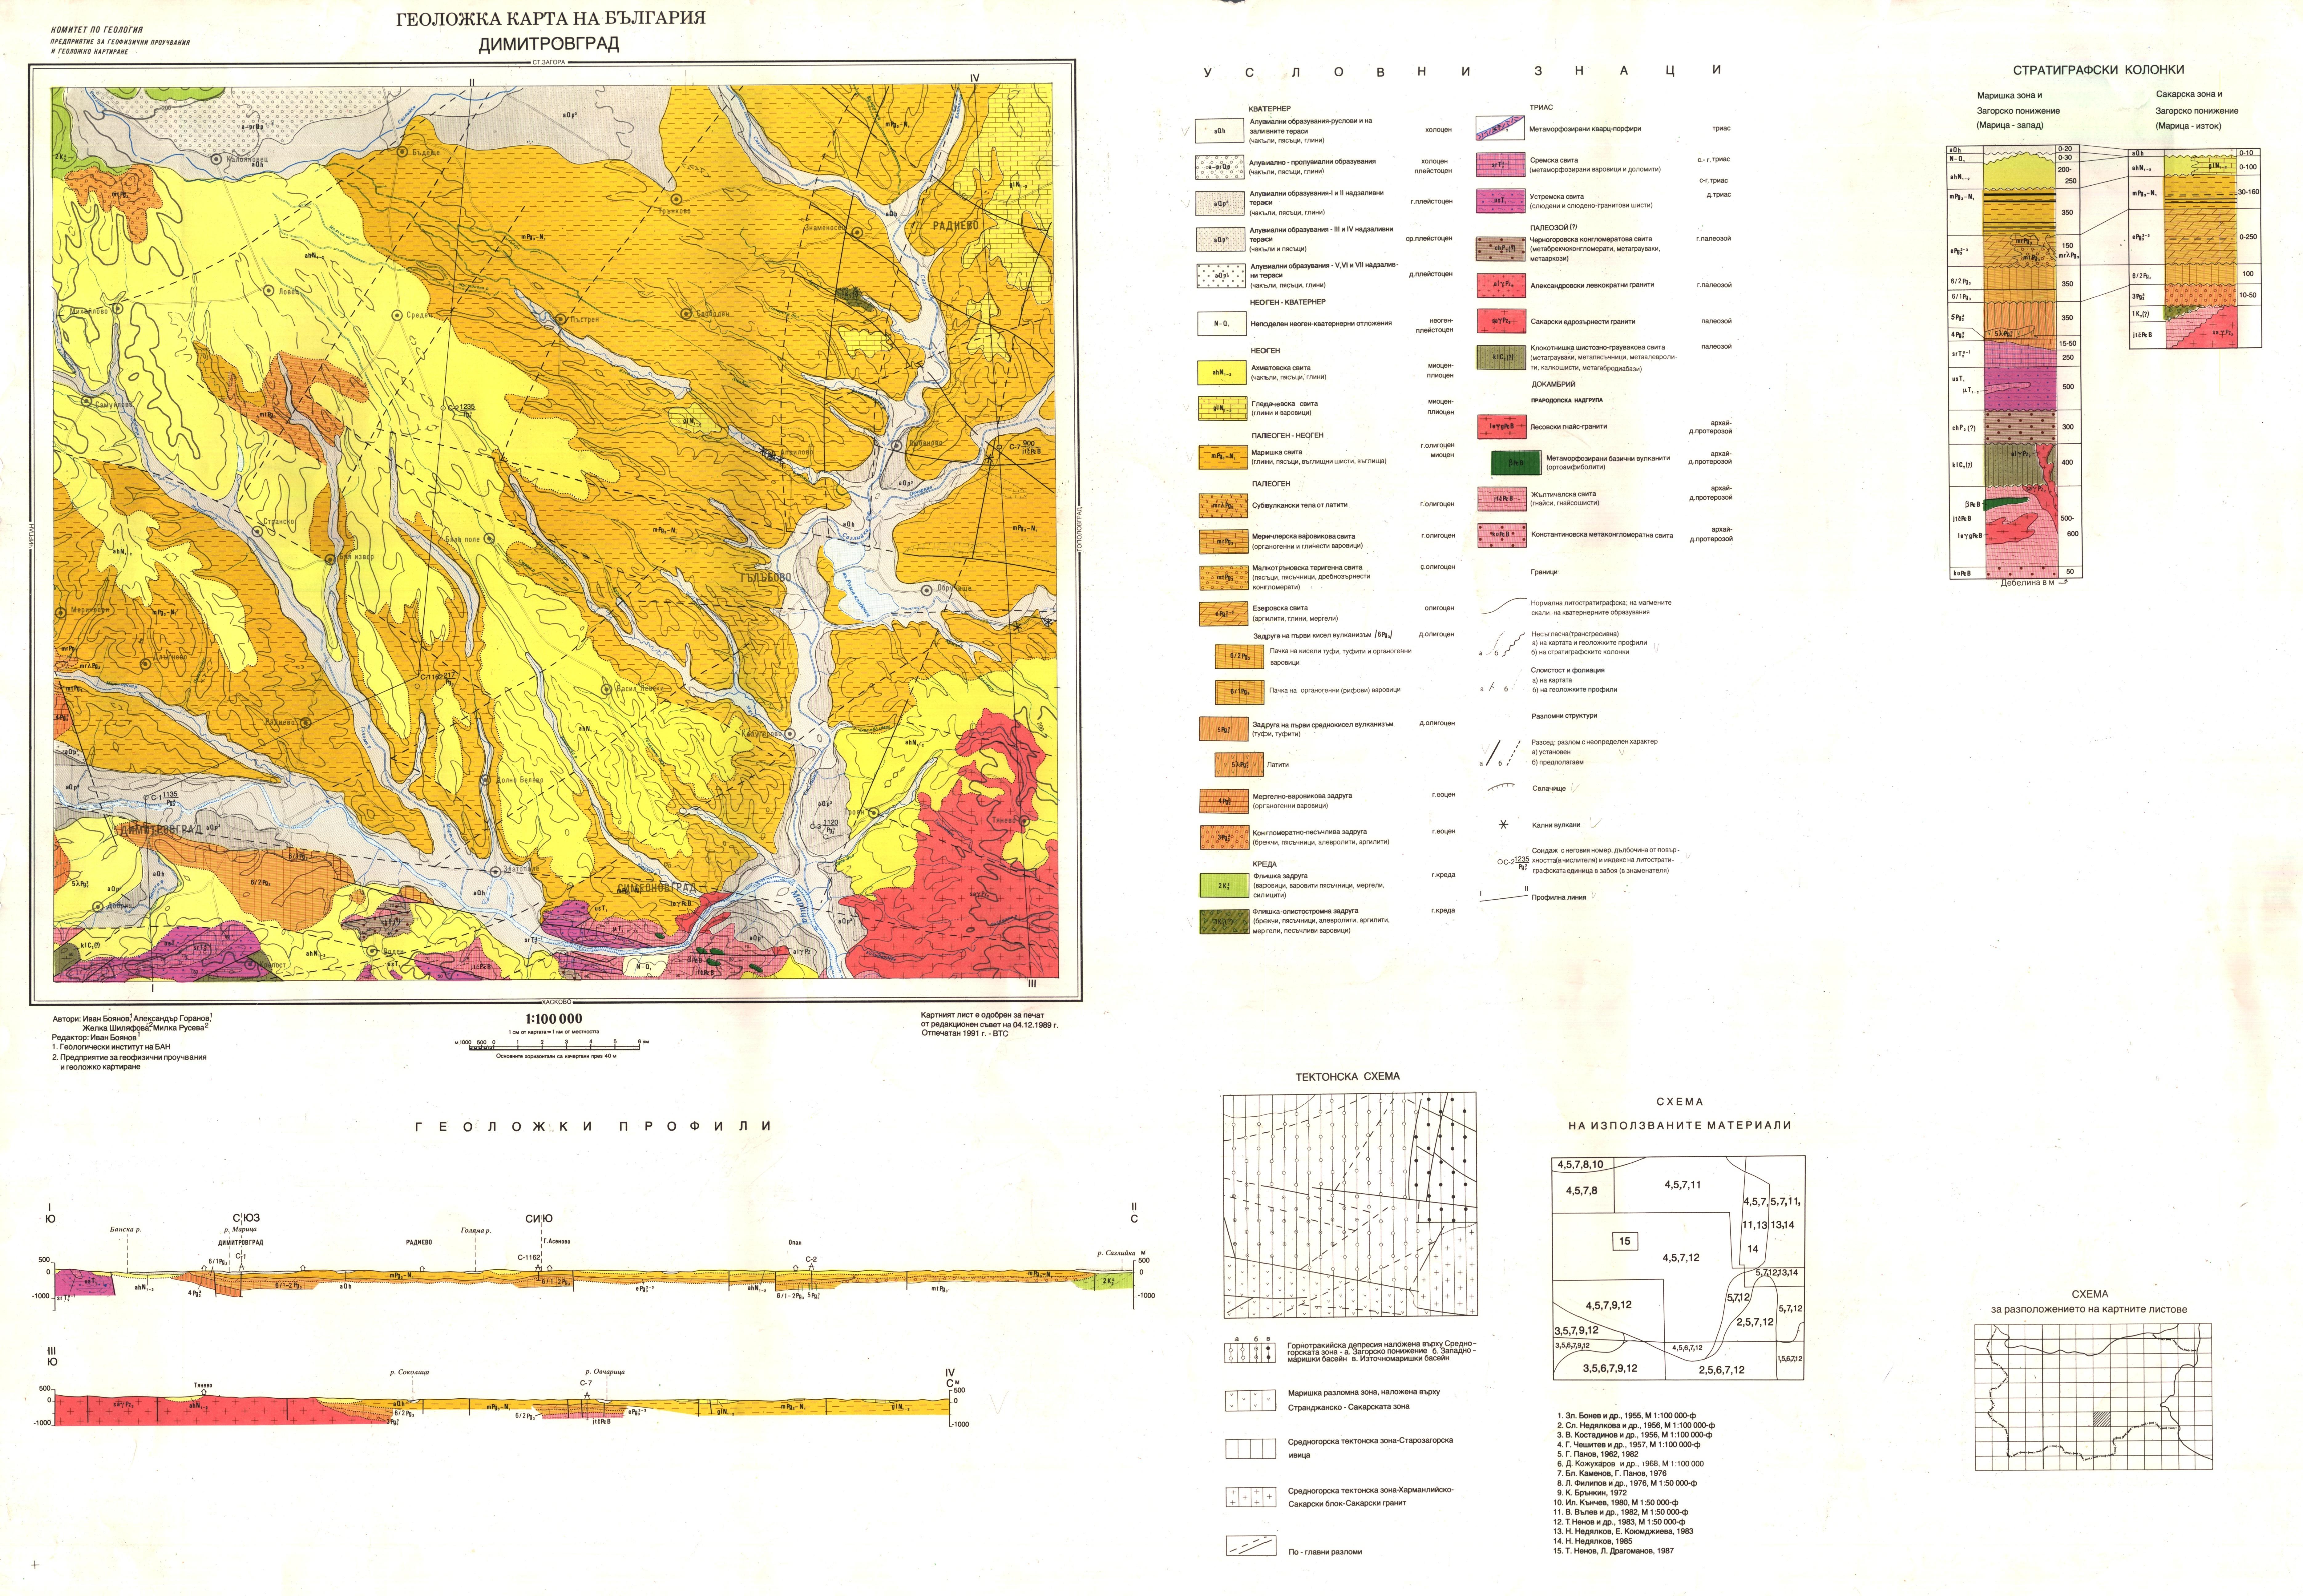 K 35 064 Dimitrovgrad Geolozhka Karta Na Blgariya